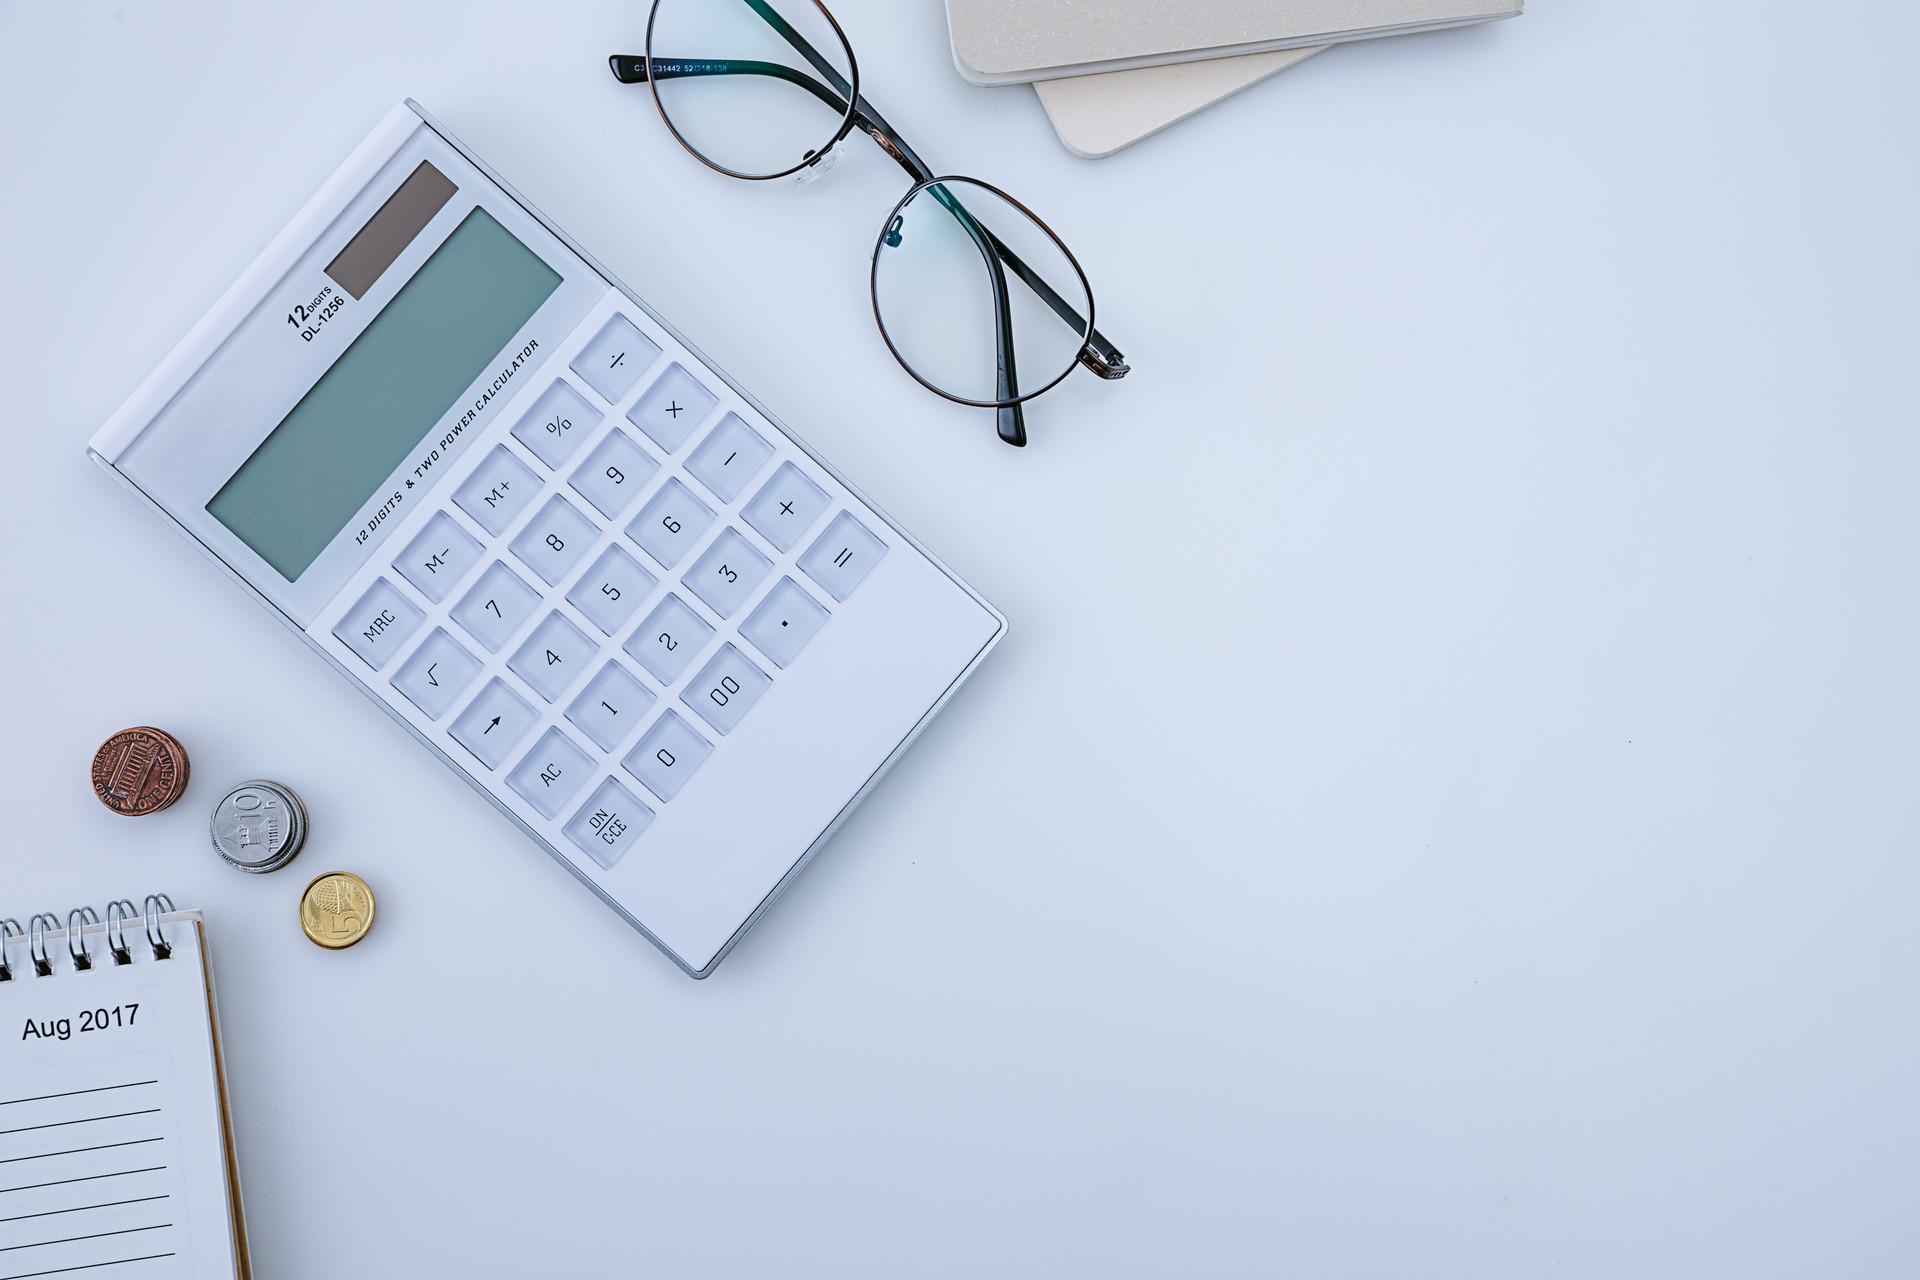 代发薪资怎么收费才比较合理? 主要还是要看找的代发薪资平台